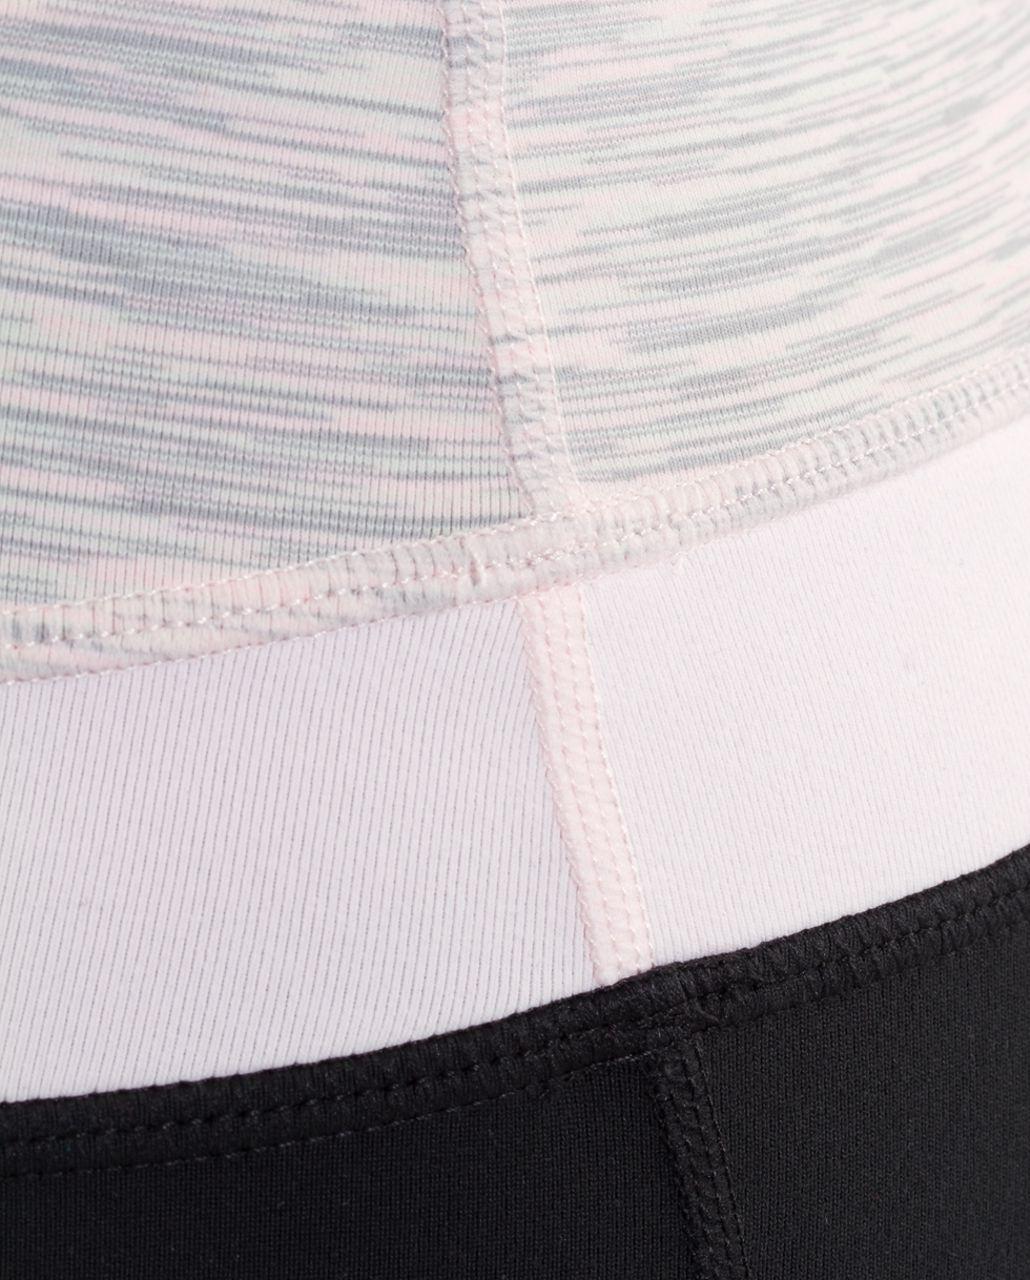 Lululemon Groove Pant (Tall) - Black /  Pink Mist Space Dye /  Pink Mist